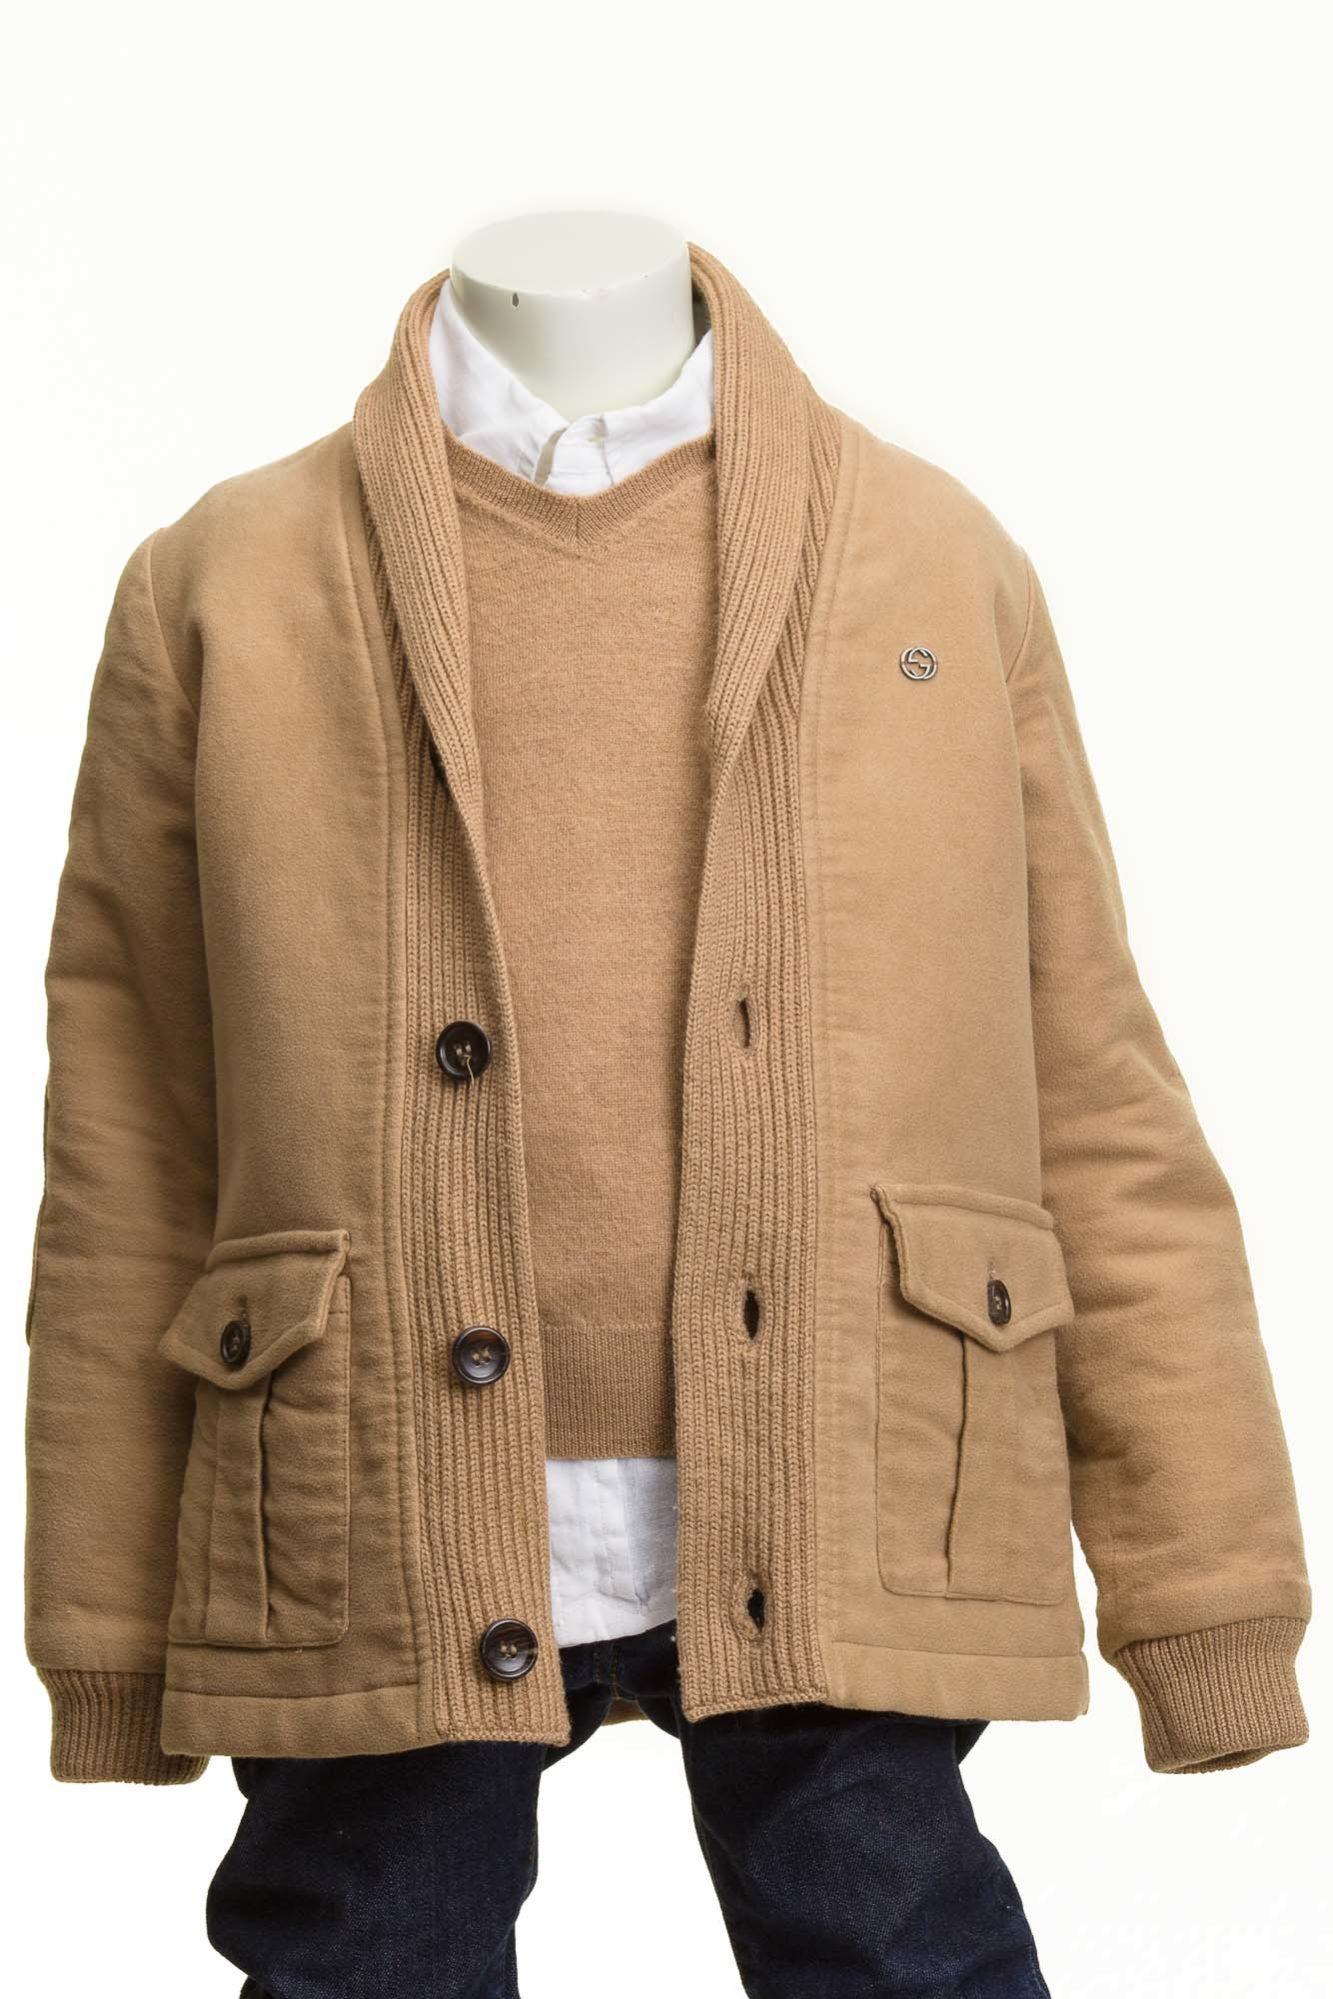 35a1788d726 GUCCI vestje/jasje - Jaguar Designer Vintage